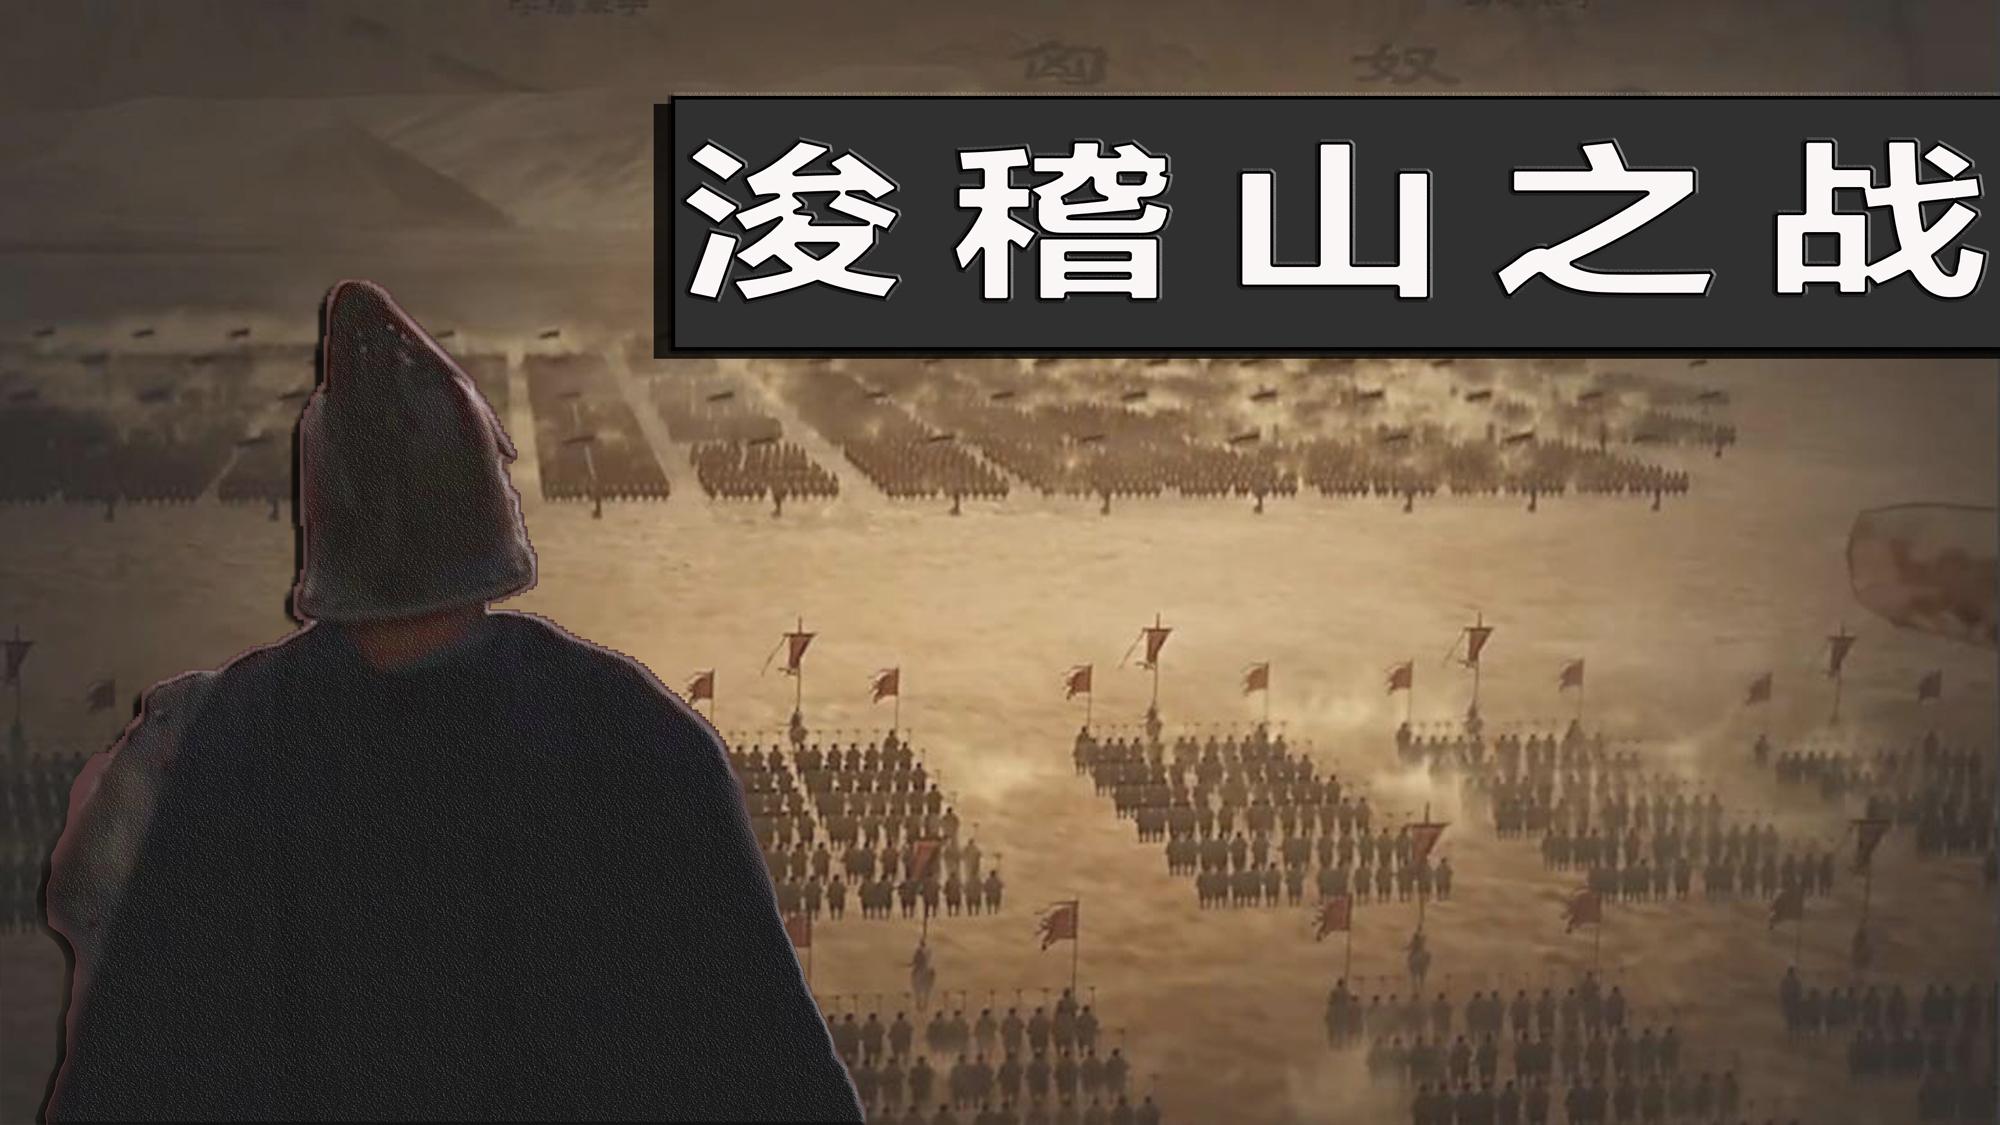 【汉武时代漫谈】24李陵事件和司马迁宫刑始末